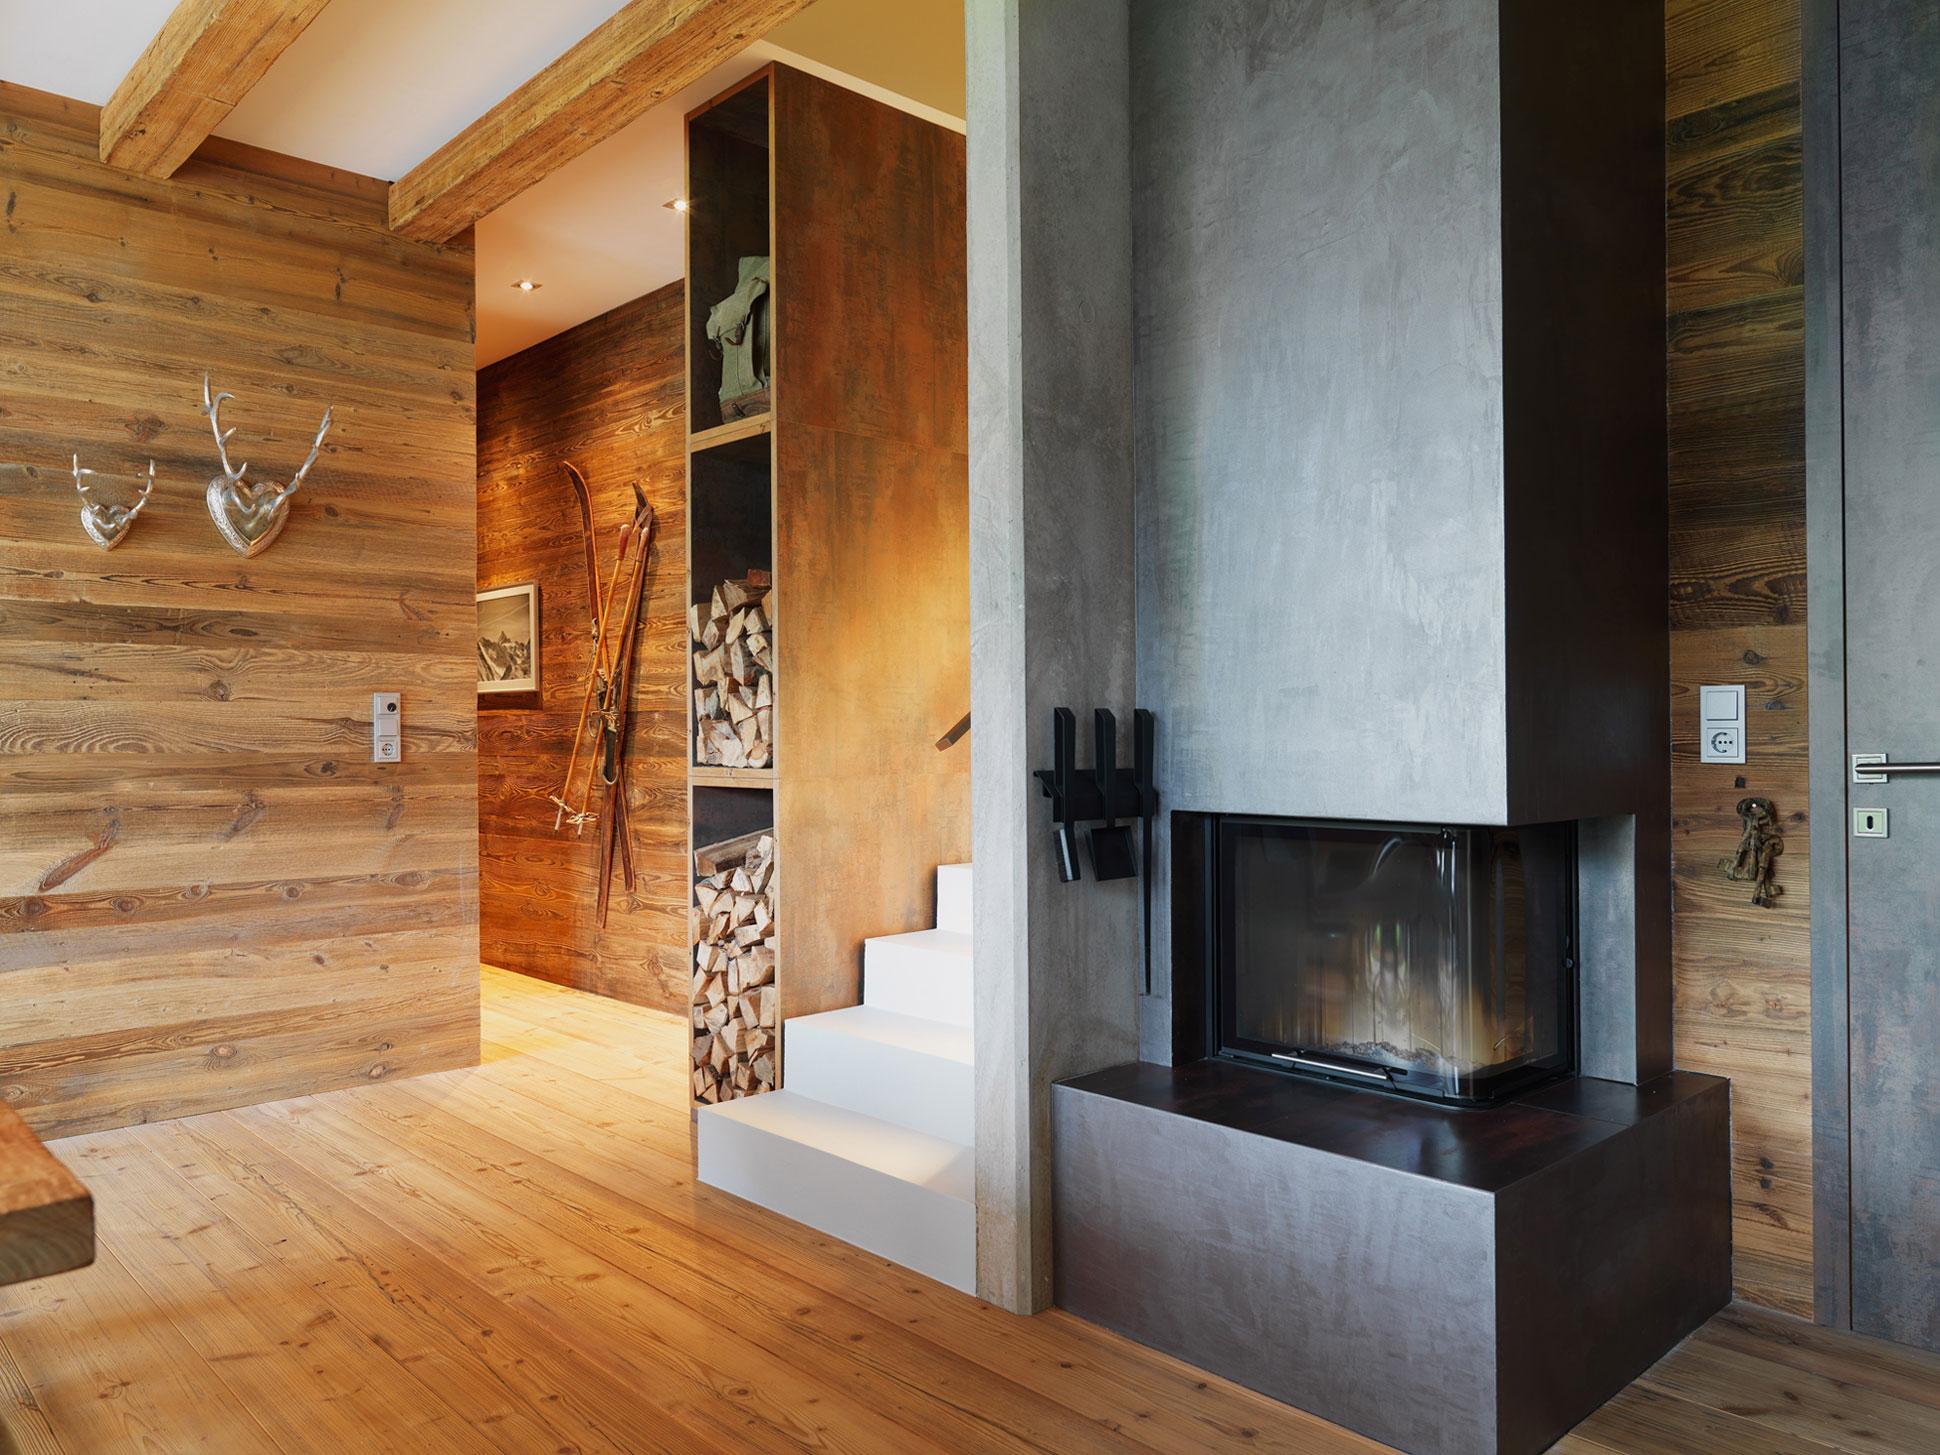 Kitzbuehel Mountain View House by SoNo arhitekti-06